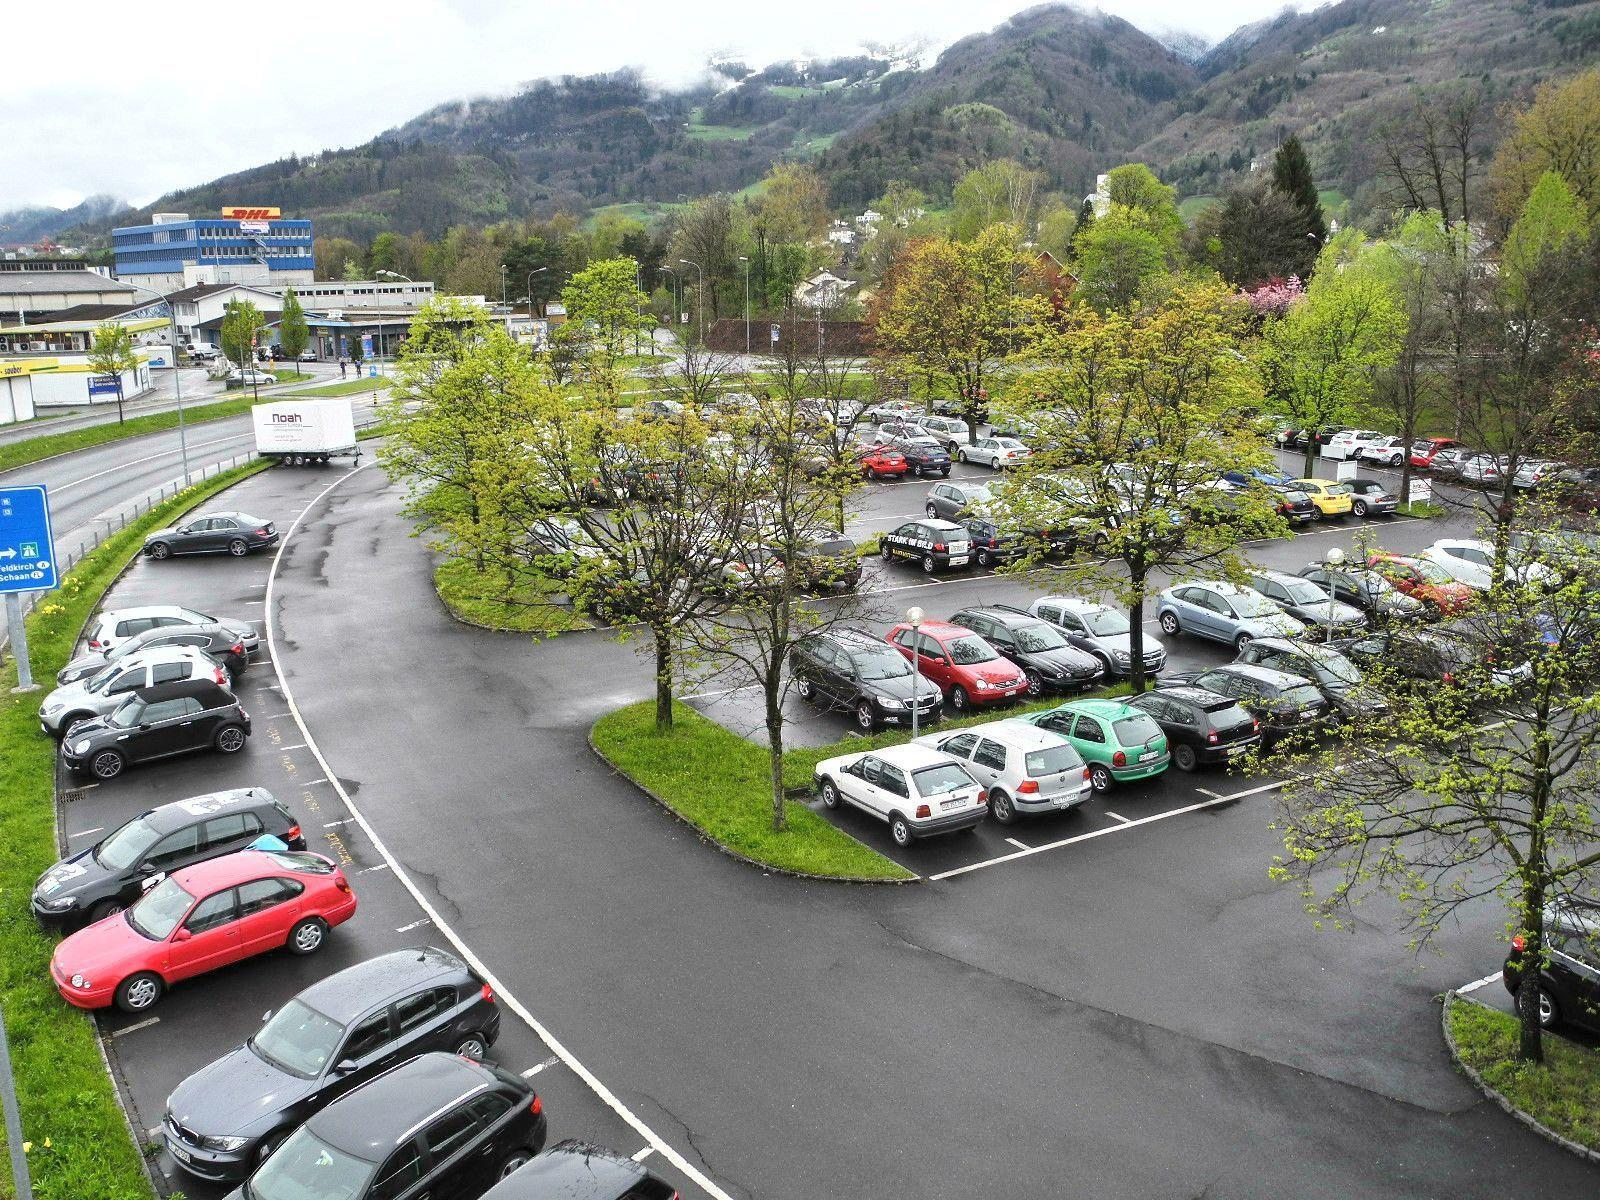 Die Gemeinde Buchs wünscht sich ein neues Parkhaus, eine Möglichkeit wäre die Überbauung des Rondelle beim Bahnhof sein